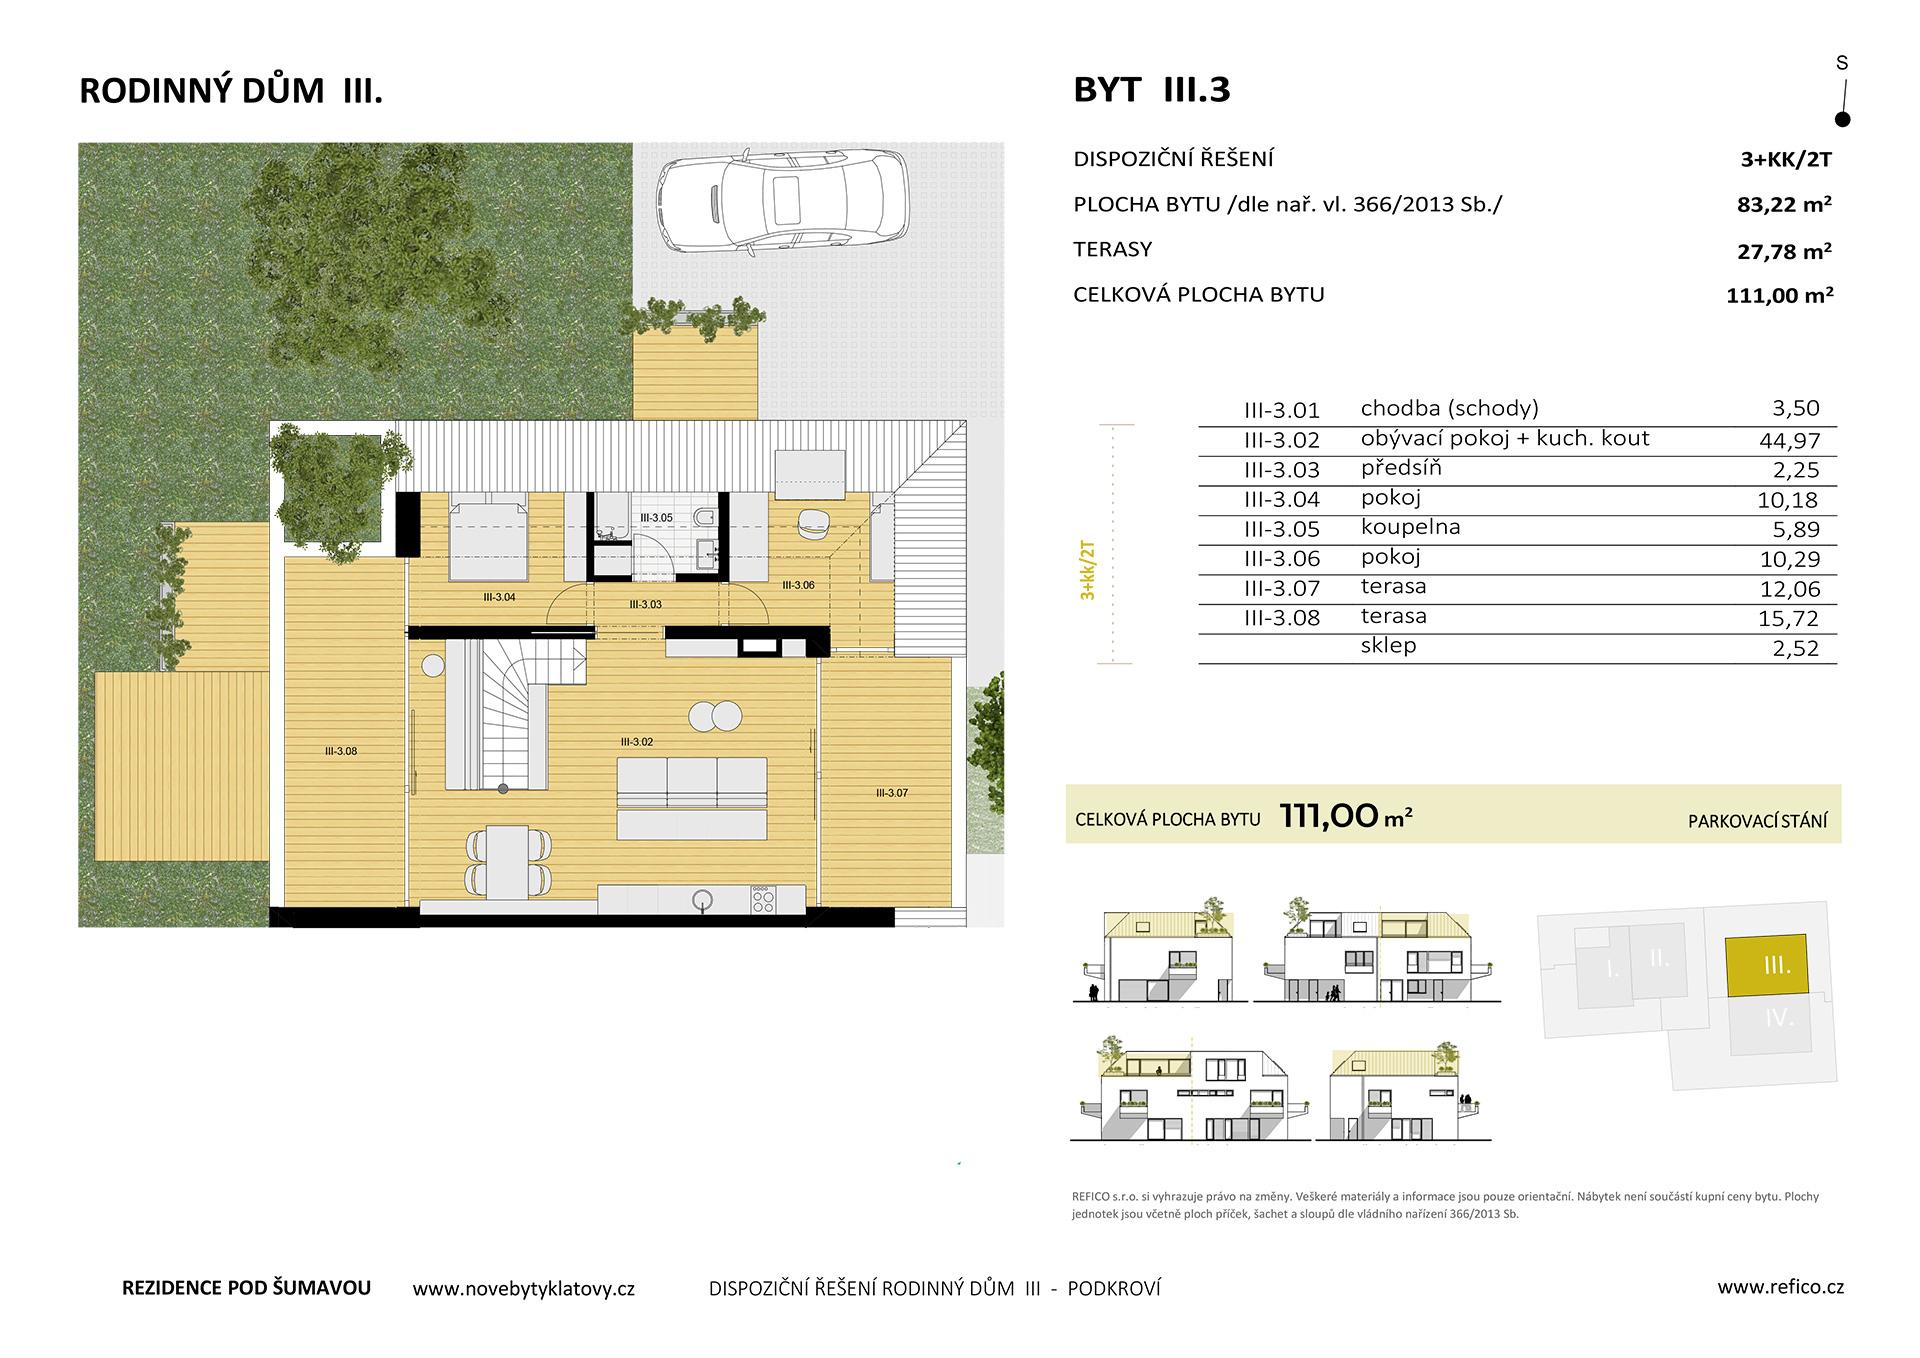 Dům III., byt 3, podkroví, 3+KK/2T